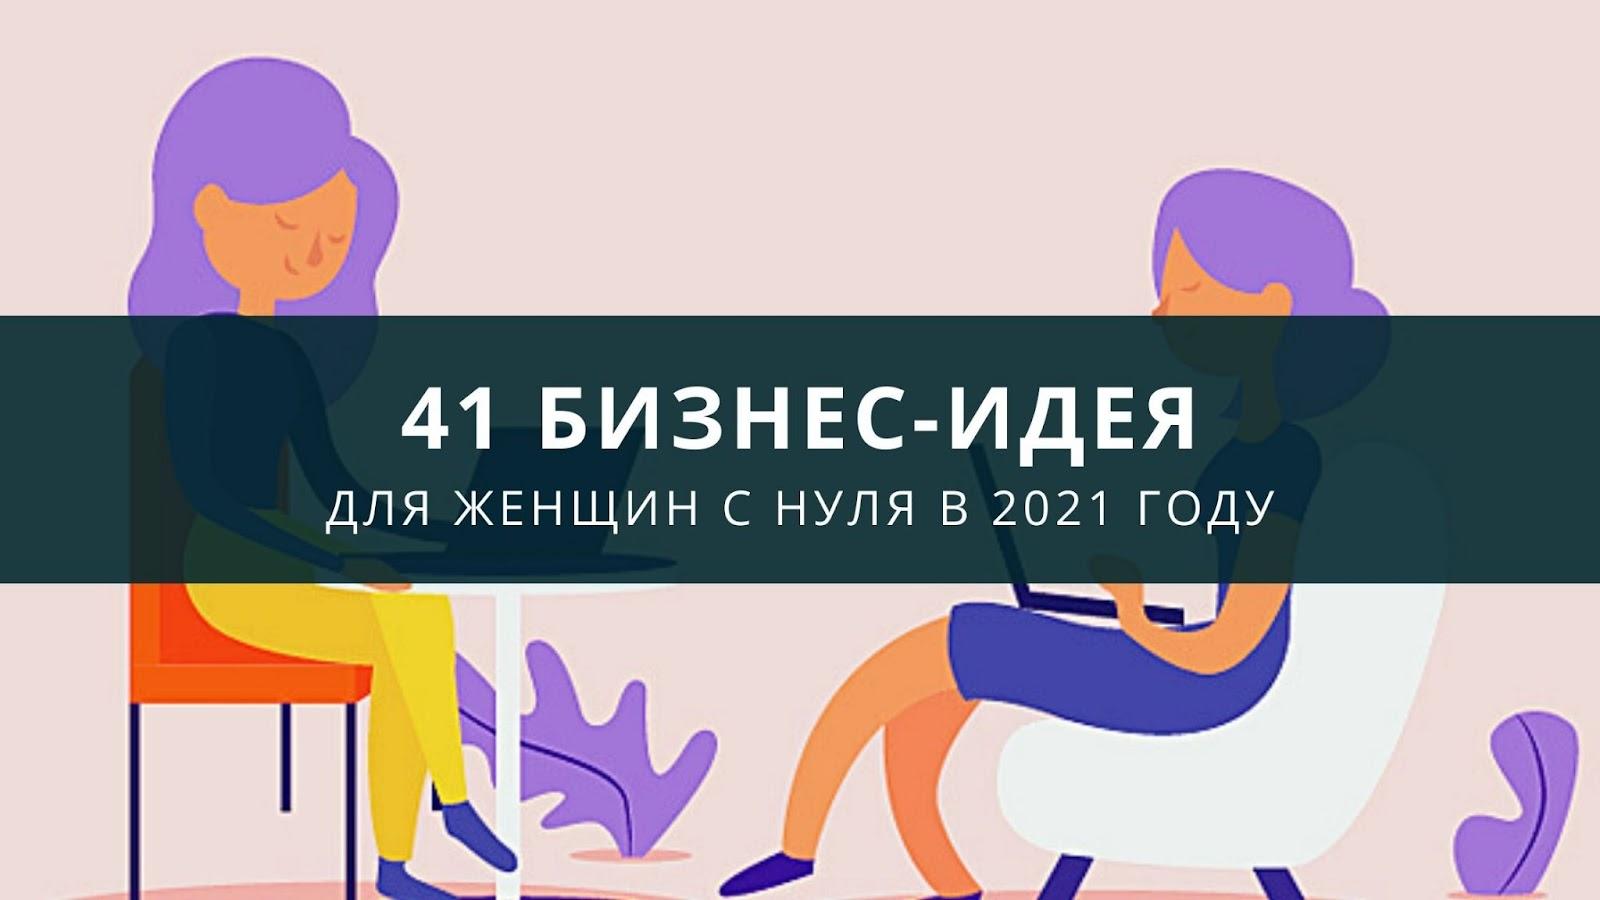 Какой бизнес открыть женщине в 2021 году с минимальными вложениями в маленьком городе